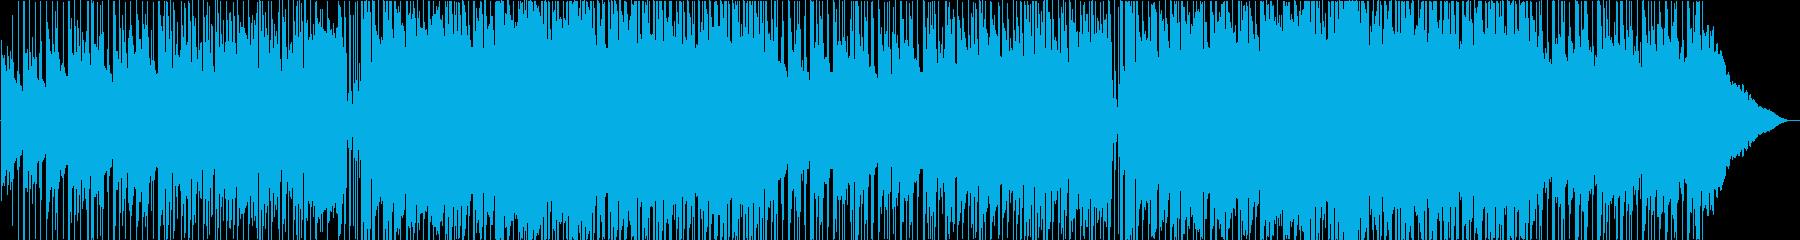 king of pop おしゃれソウルの再生済みの波形